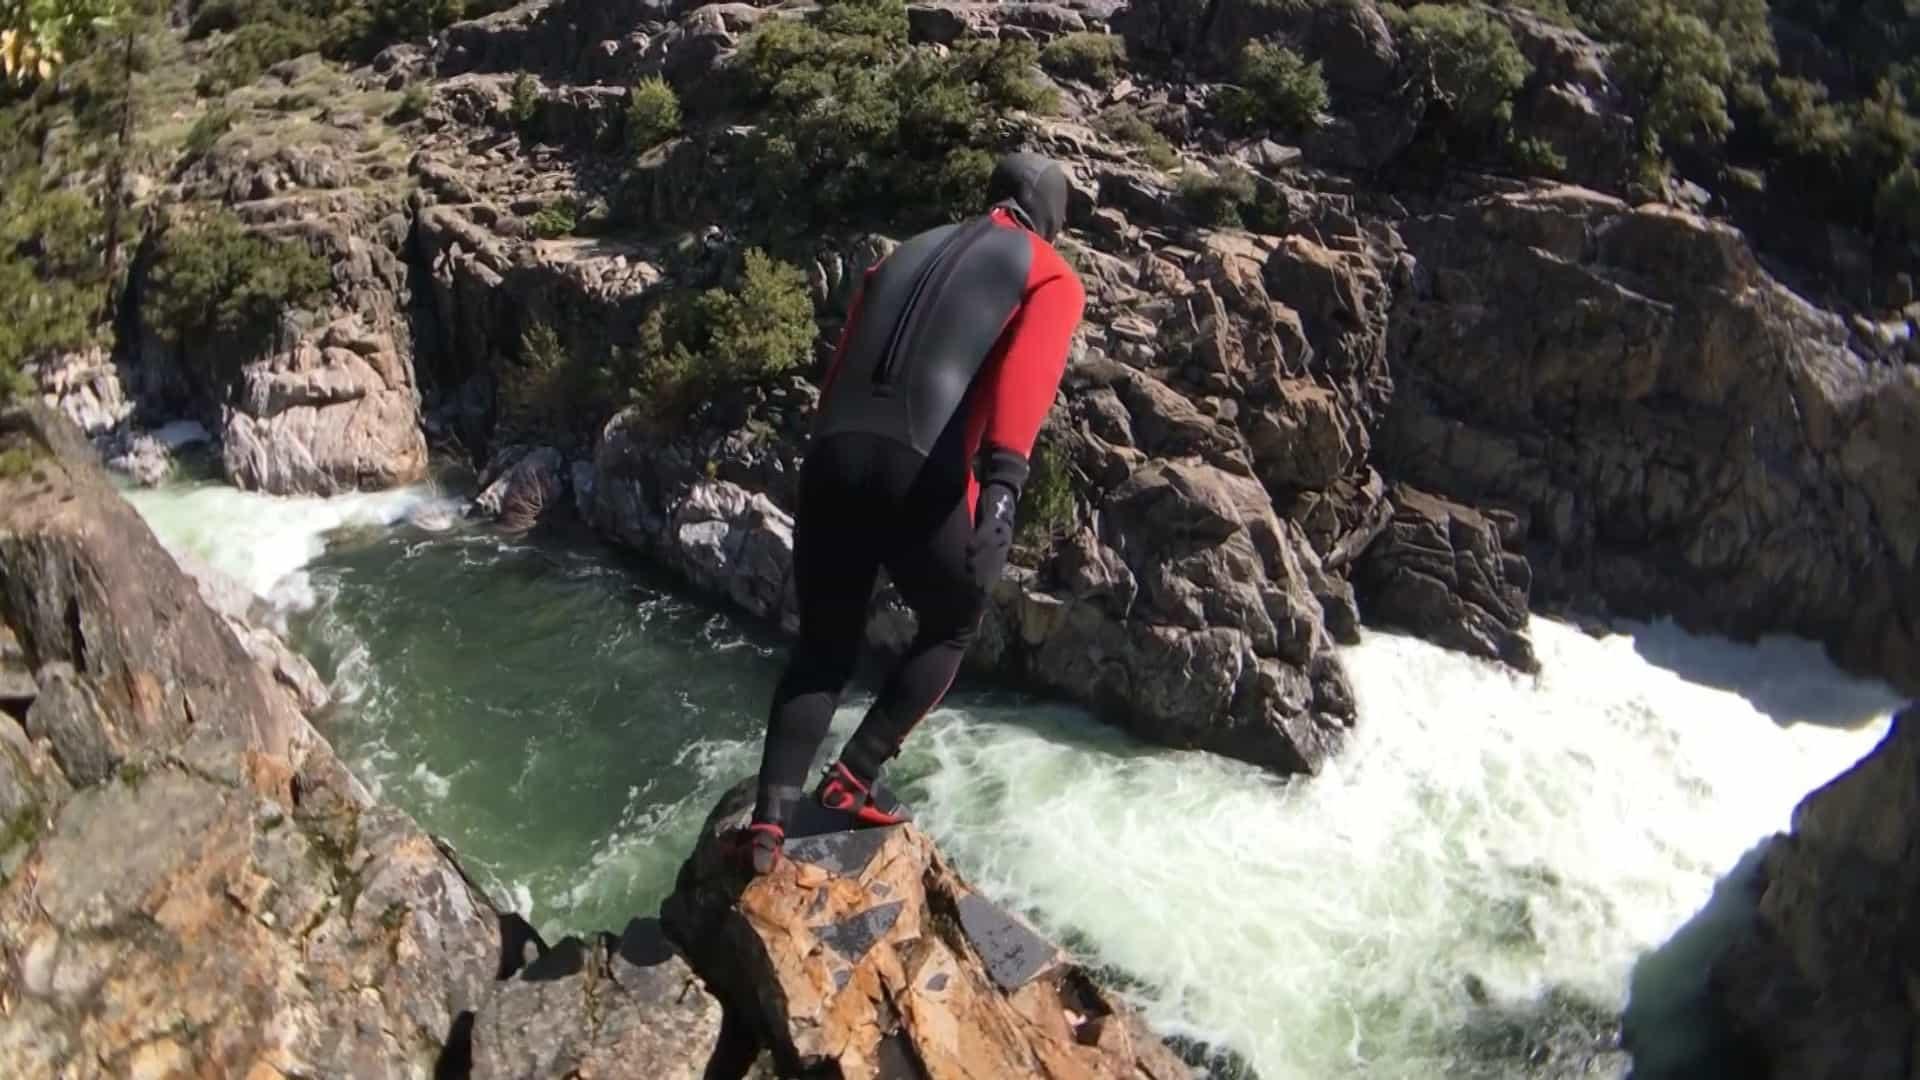 Arrepiante! Homem pular de penhasco para rio perigoso